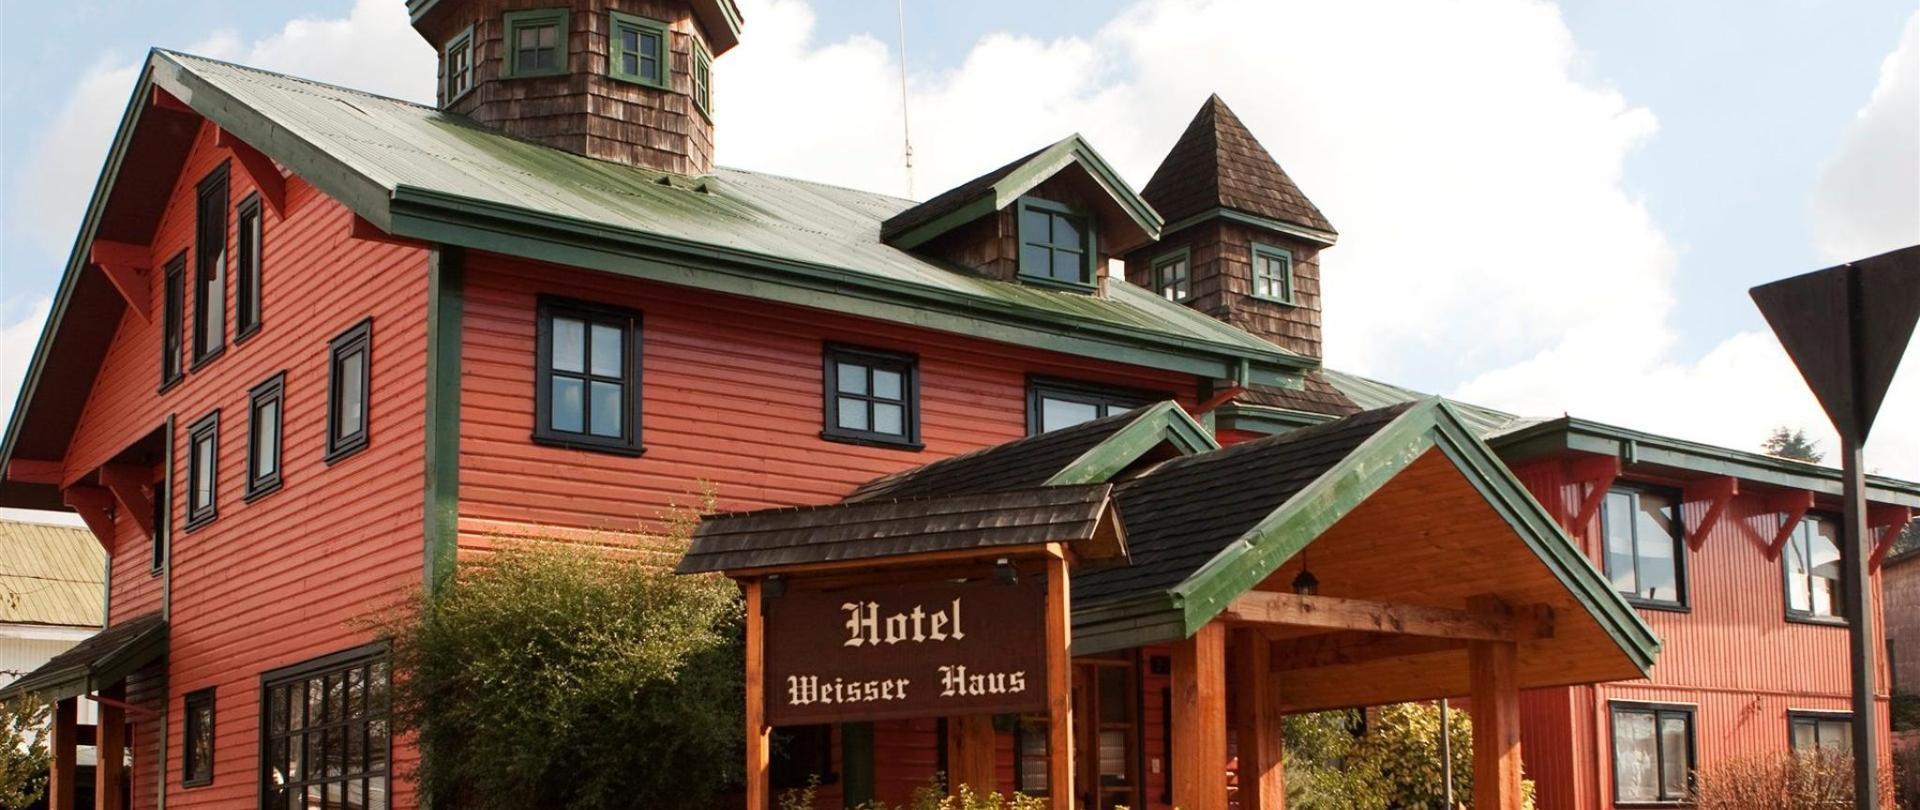 Weisserhaus Hotel .jpg